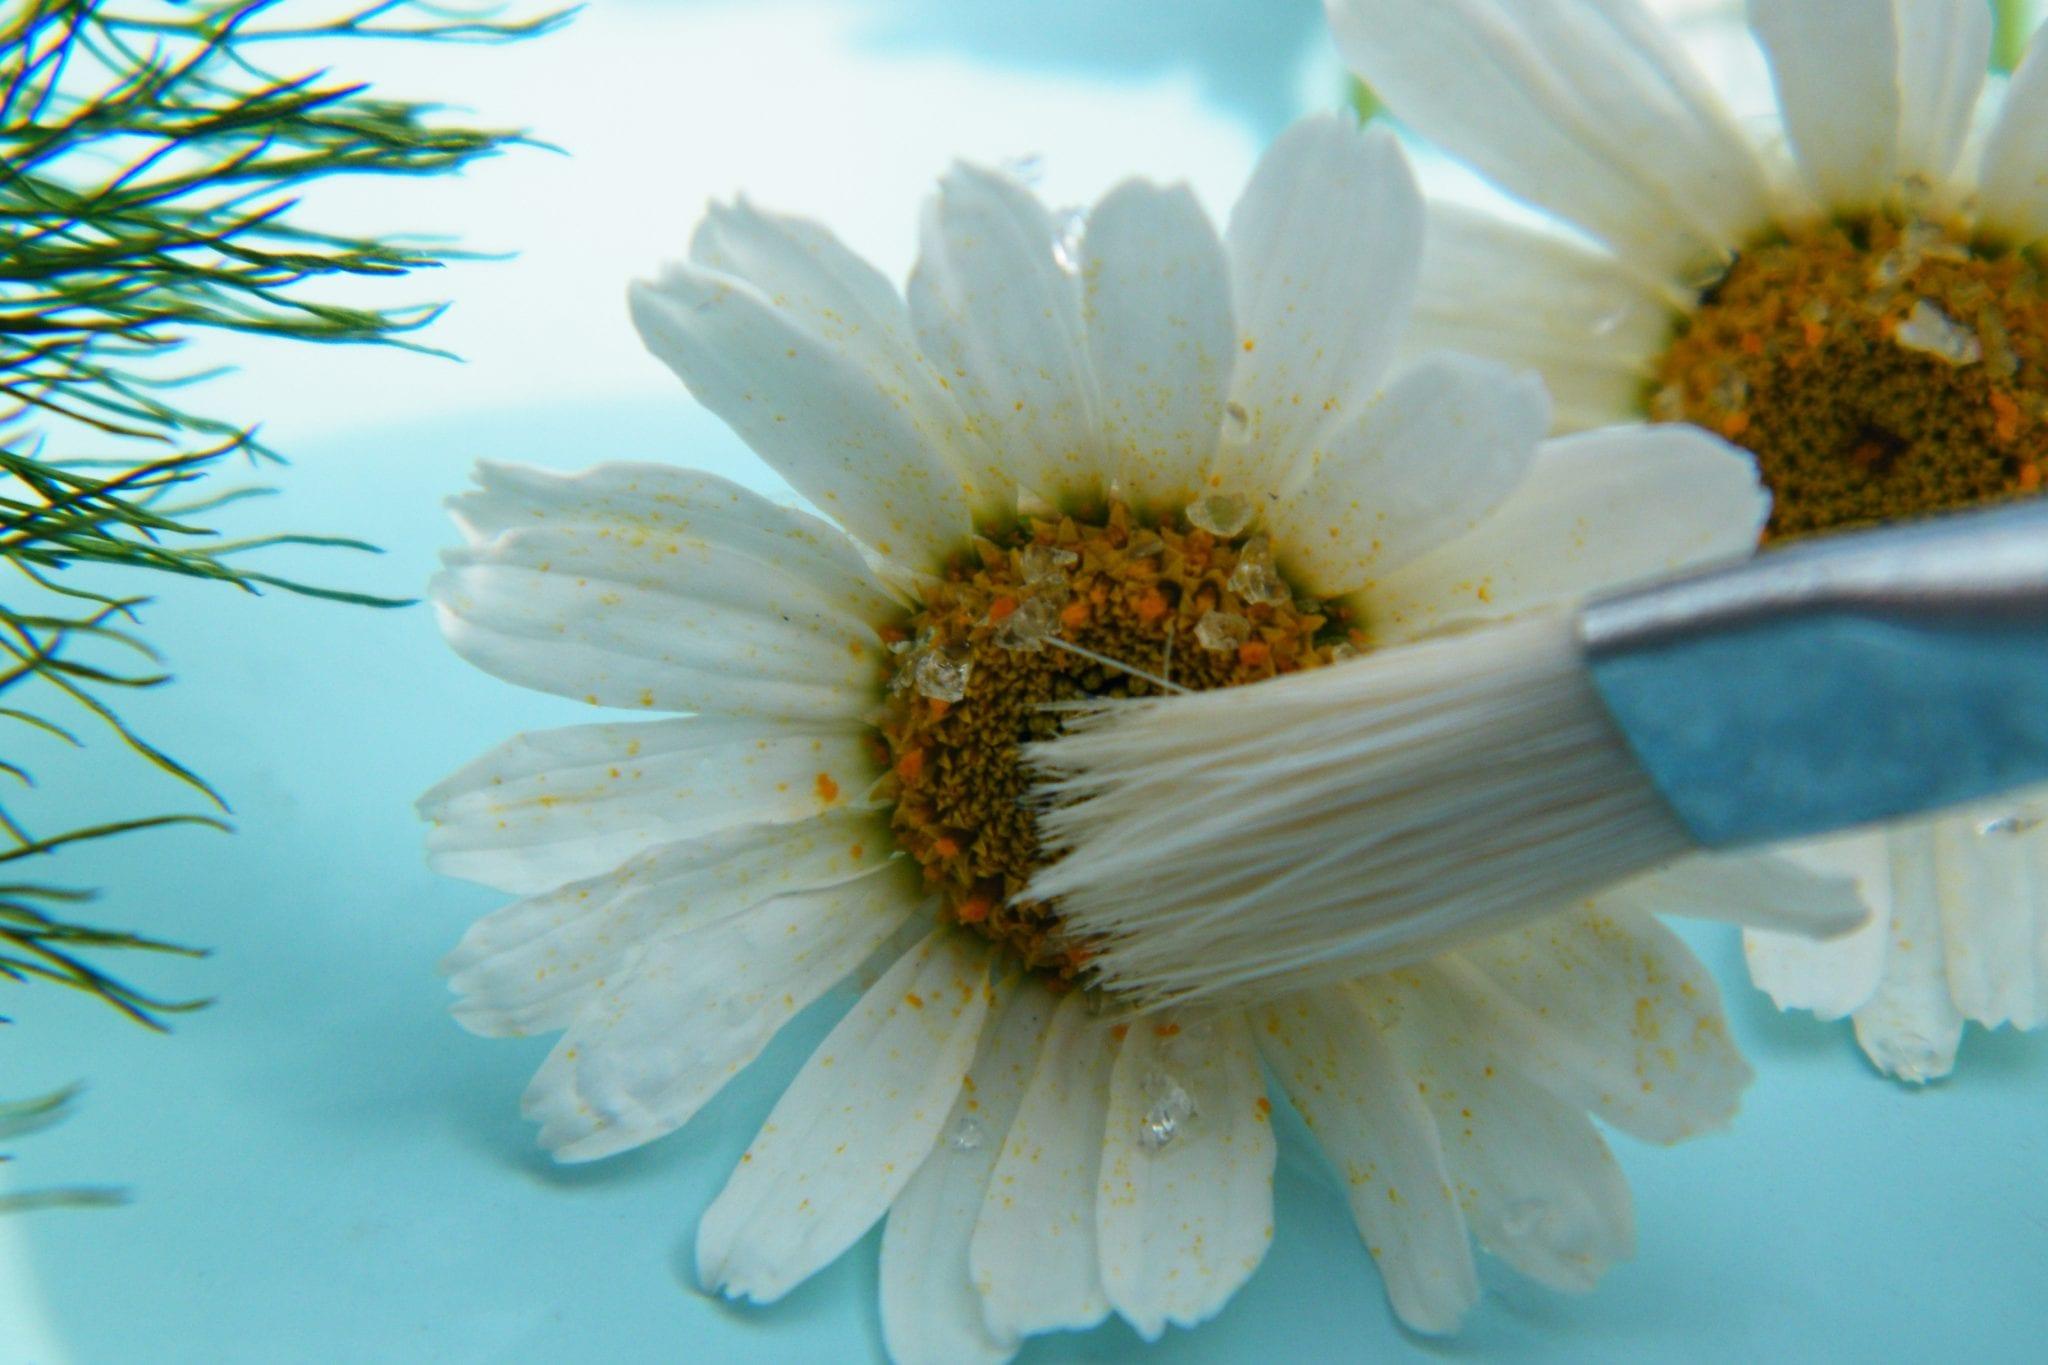 brushing silica gel off dried daisy